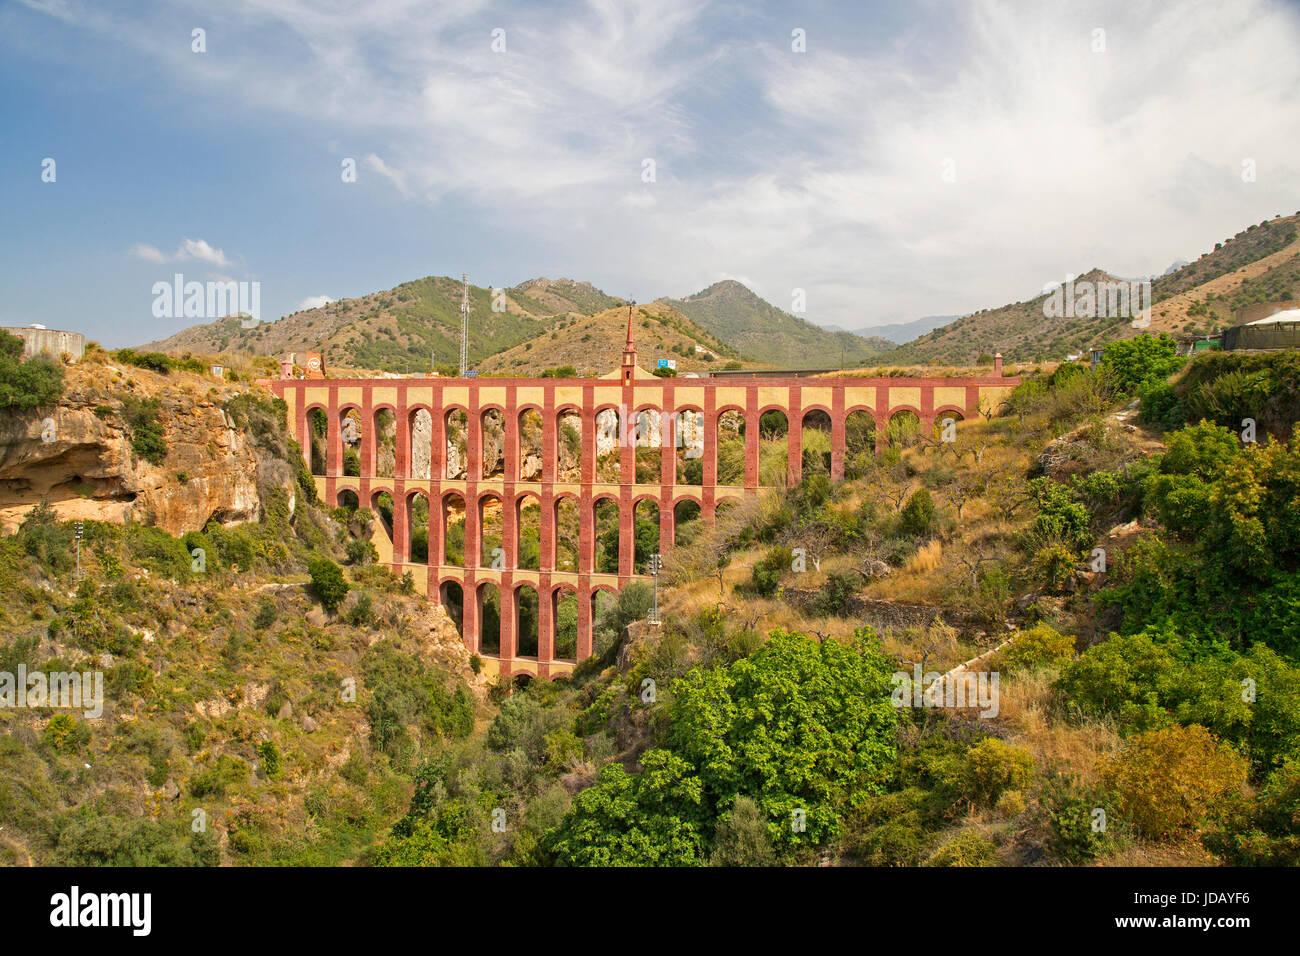 The Acueducto del Aguila (Eagle aqueduct) at Nerja, Spain. Spanish 19th century aqueduct. - Stock Image